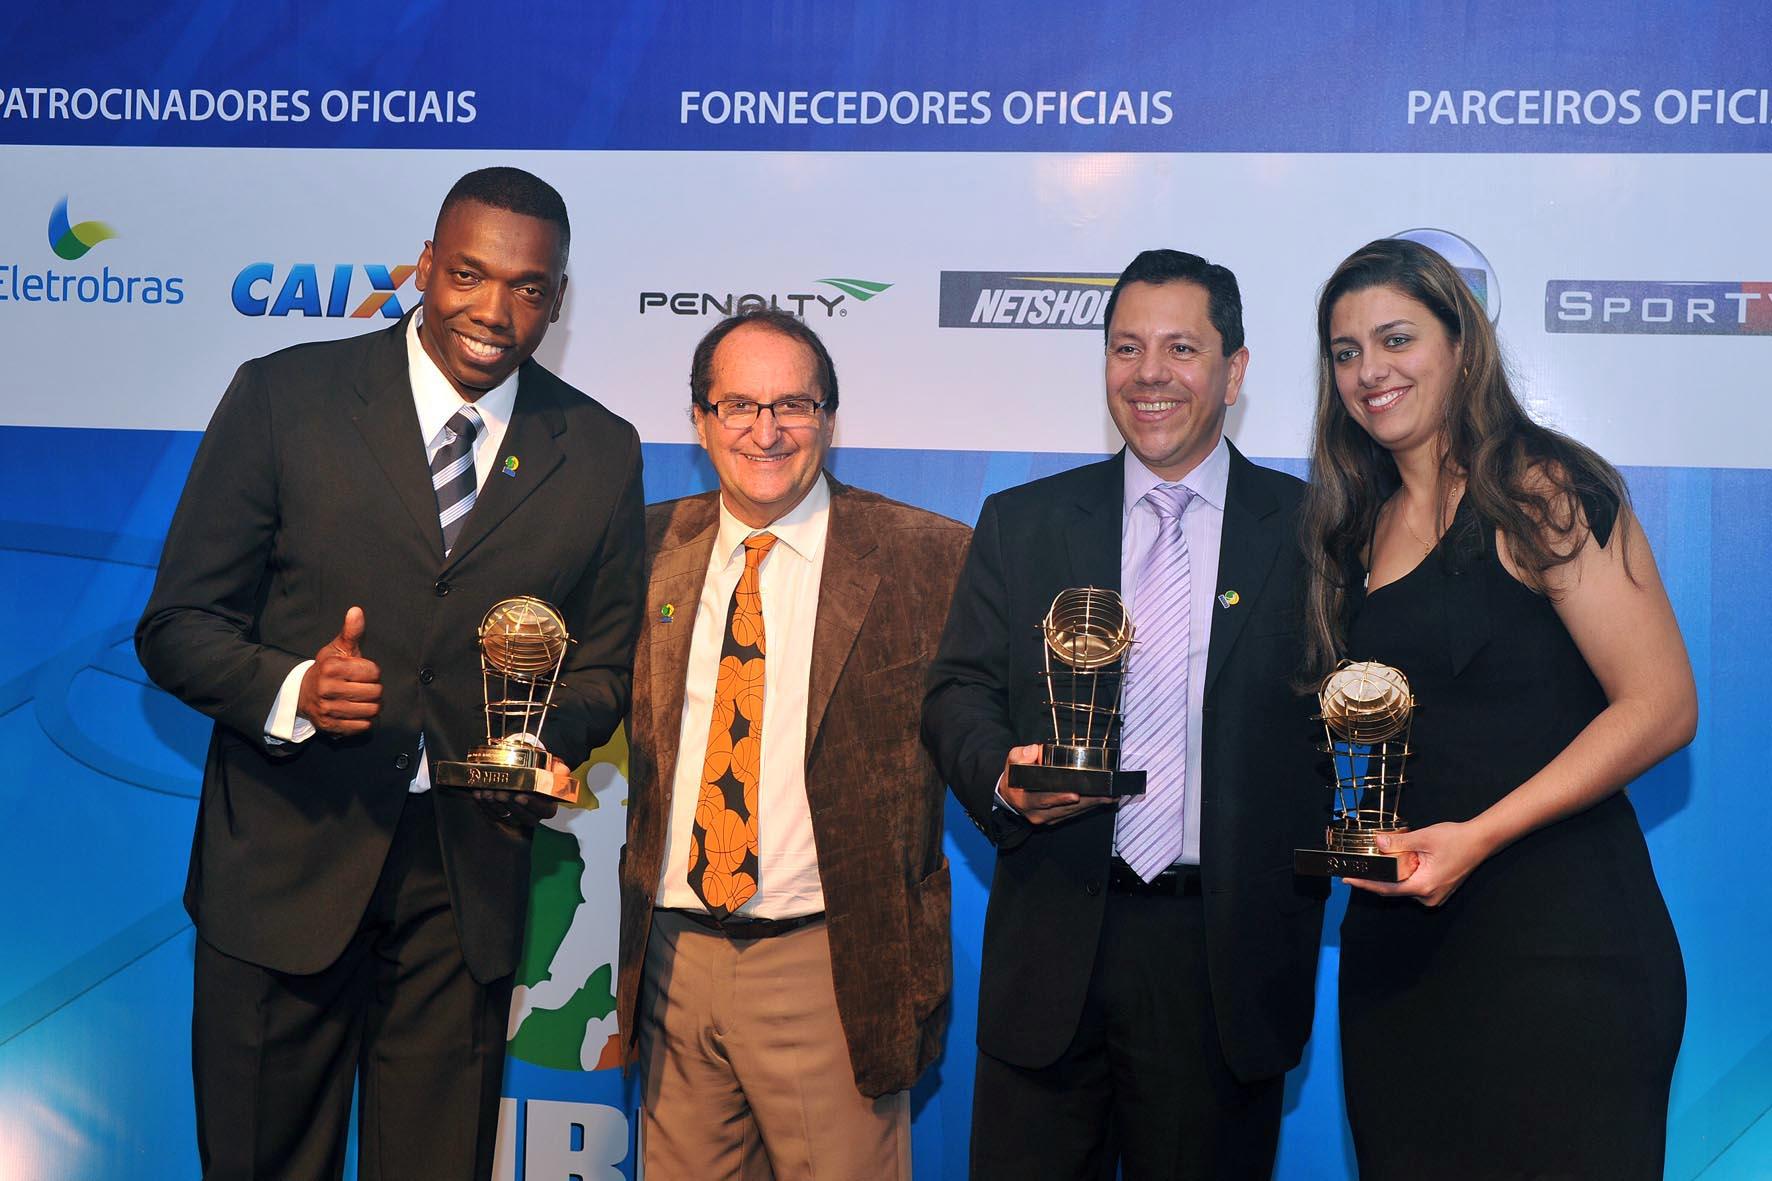 Sergio Pacheco e Fernando Serpa foram eleitos para o Trio de Arbitragem do NBB